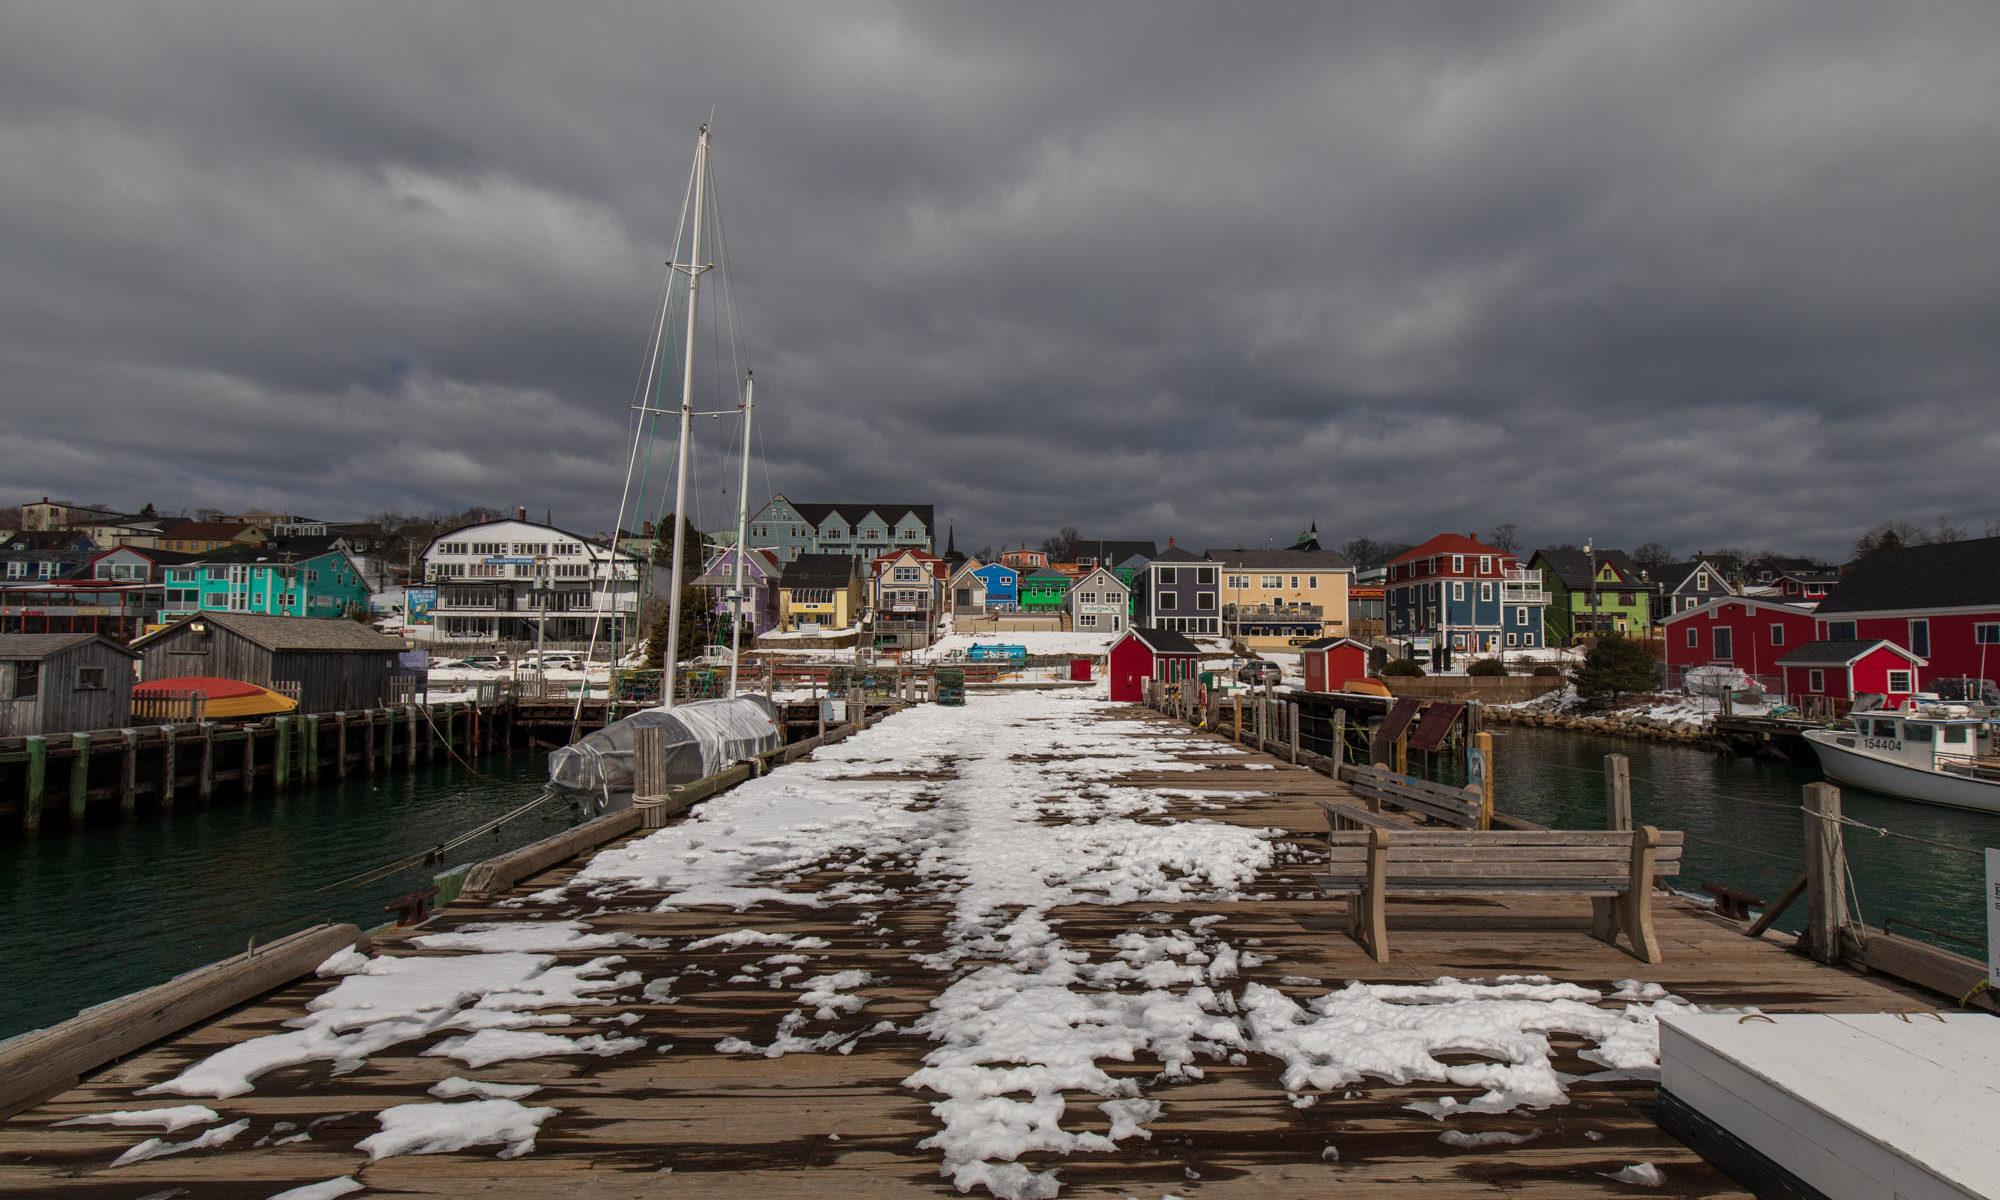 Hafen von Lunenburg im Winter mit Schnee auf Pier.